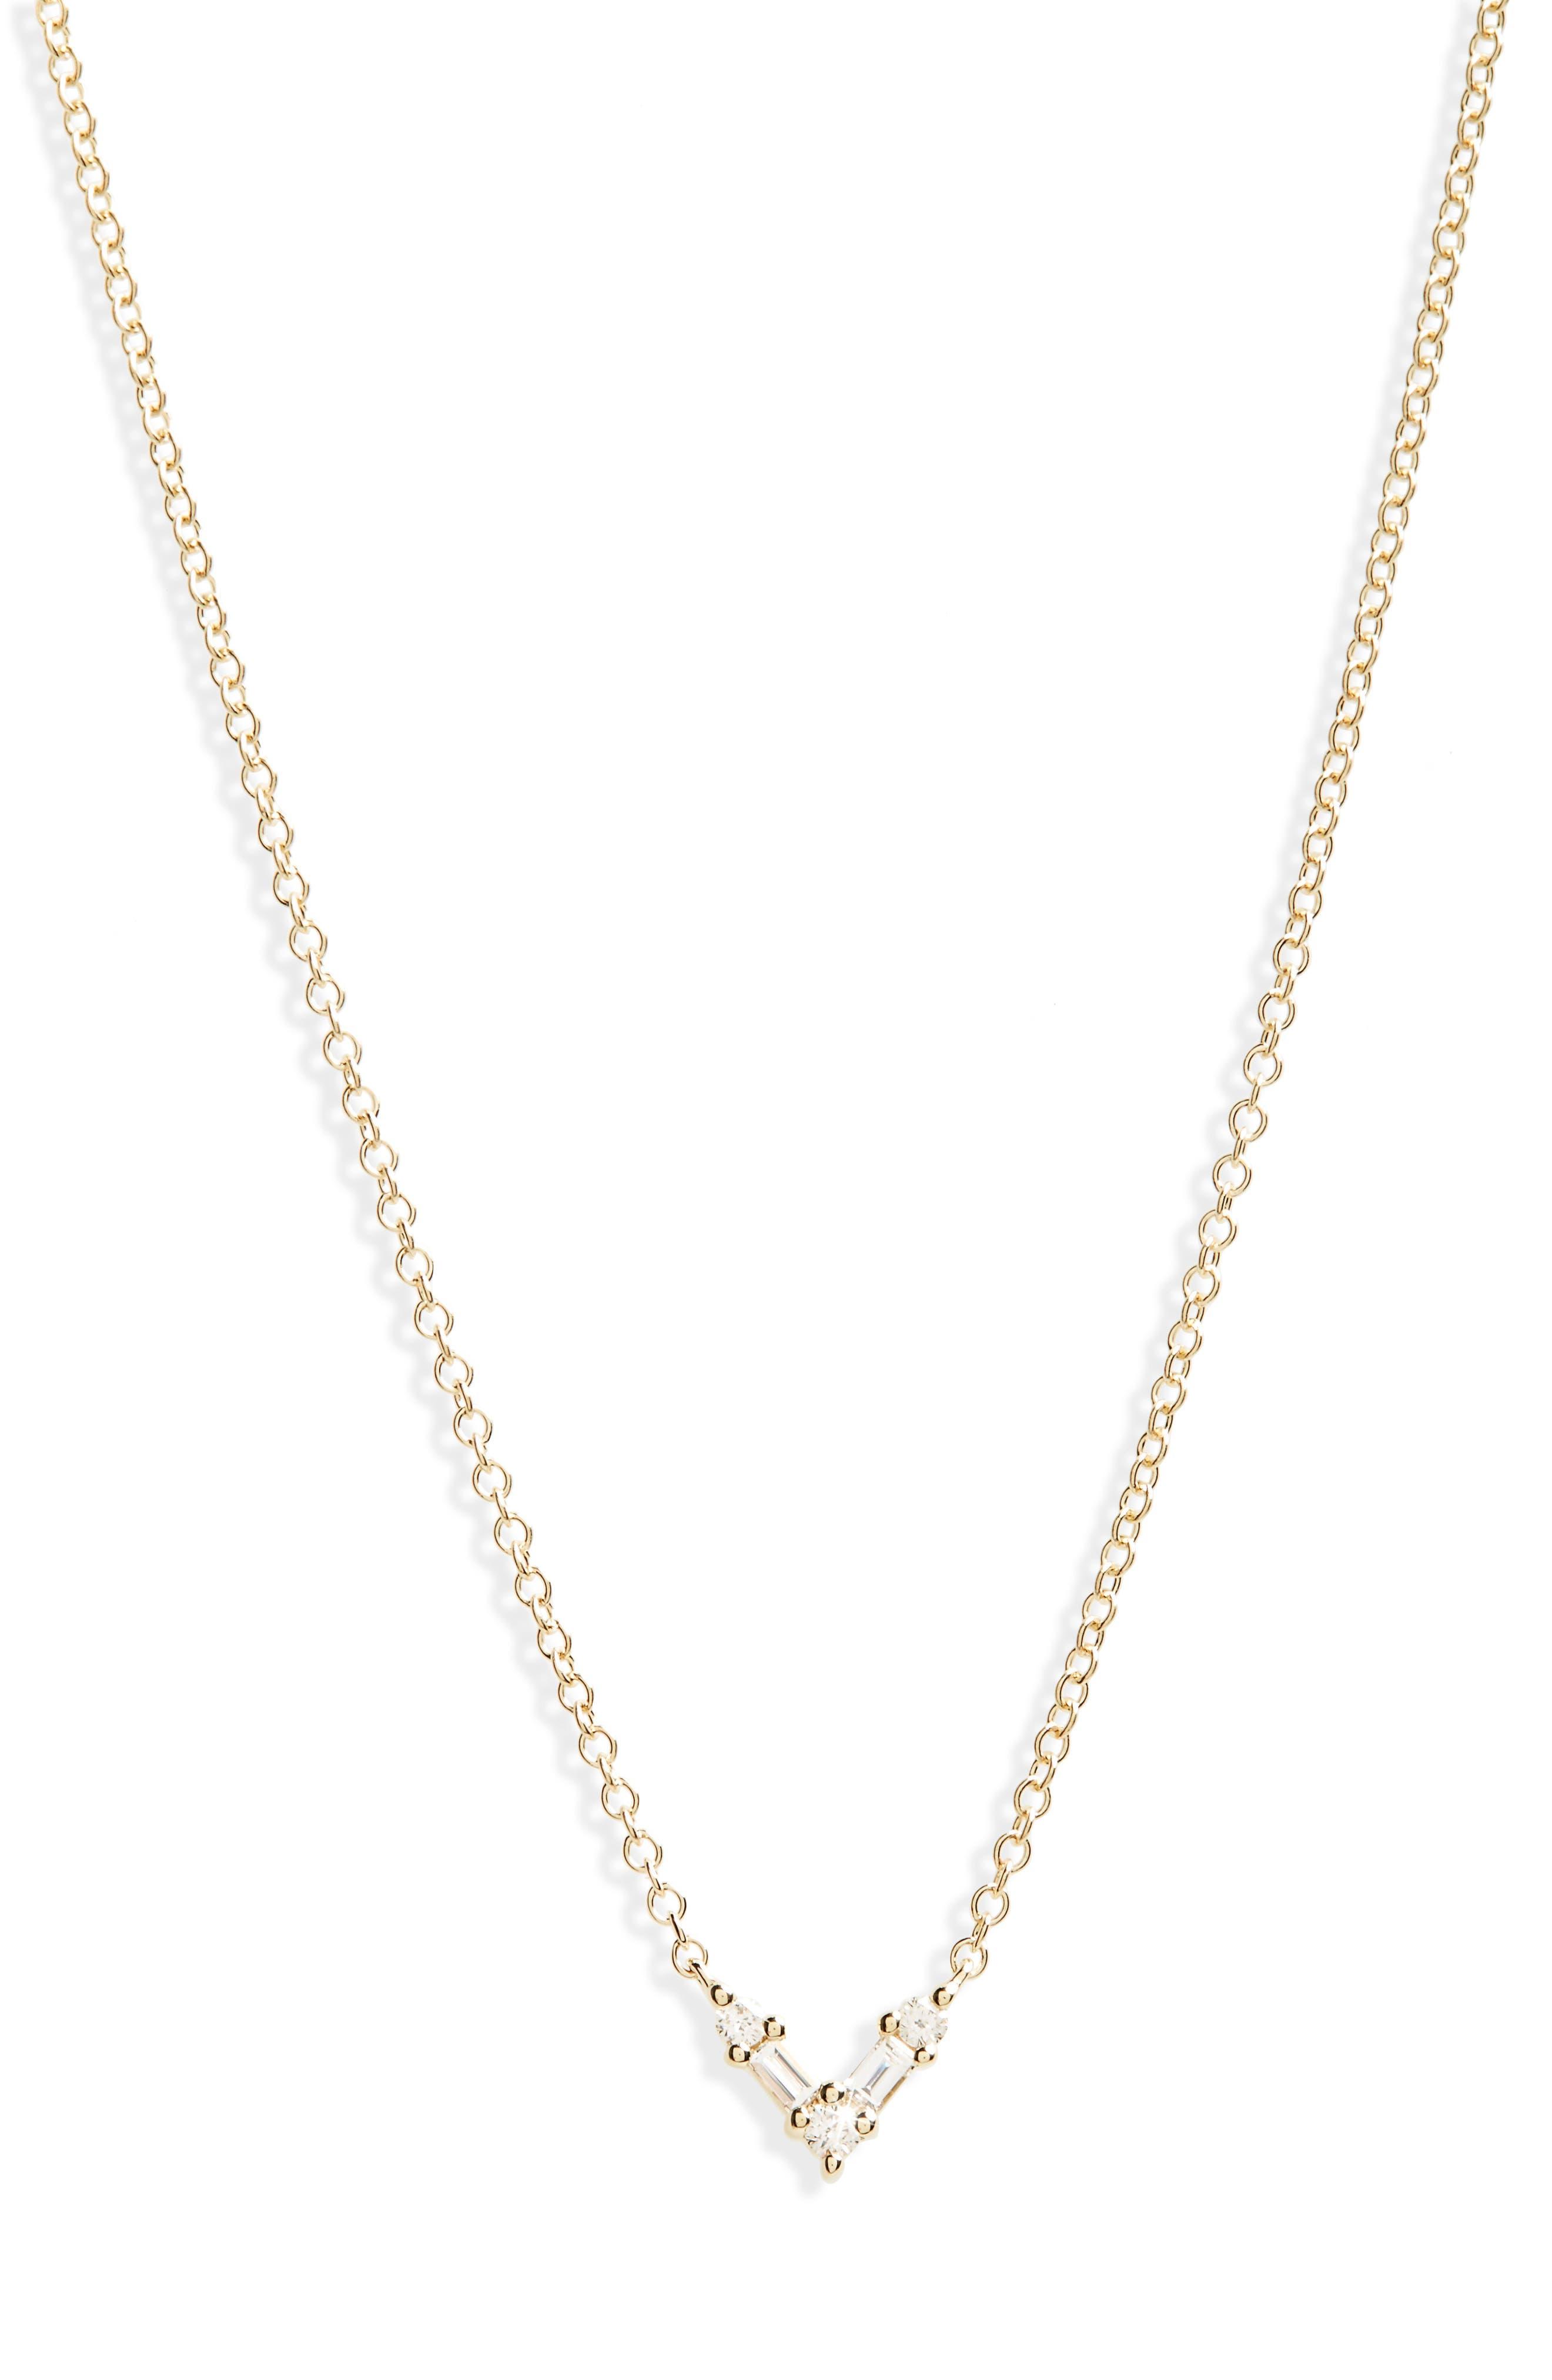 Mini Chevron Diamond Pendant Necklace,                         Main,                         color, YELLOW GOLD